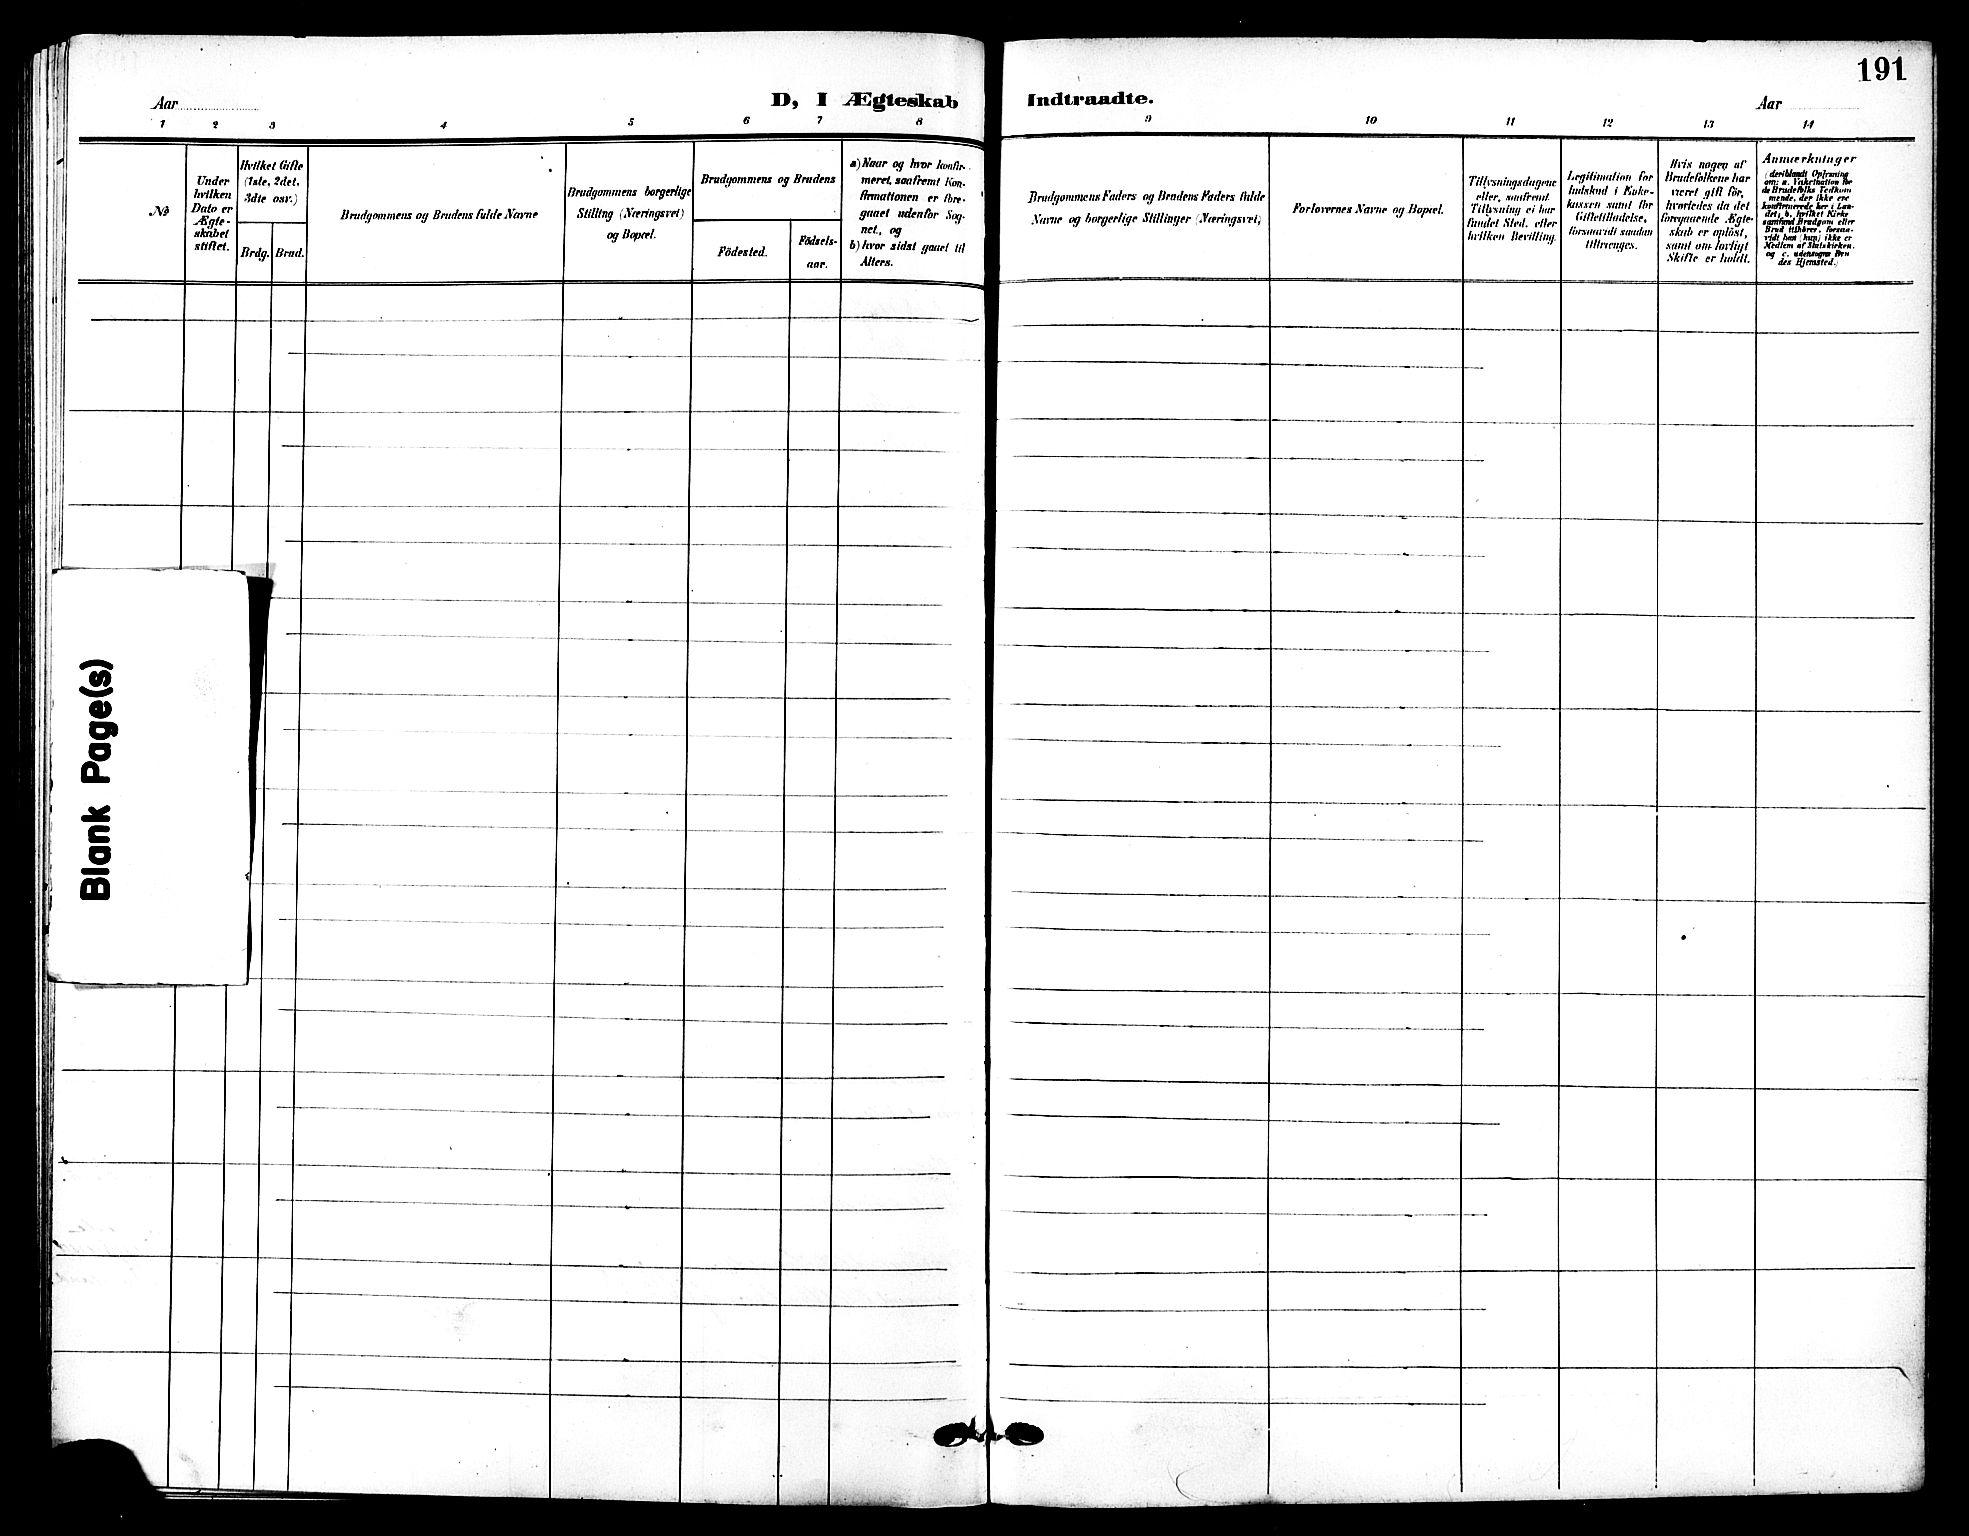 SAT, Ministerialprotokoller, klokkerbøker og fødselsregistre - Sør-Trøndelag, 601/L0095: Klokkerbok nr. 601C13, 1902-1911, s. 191